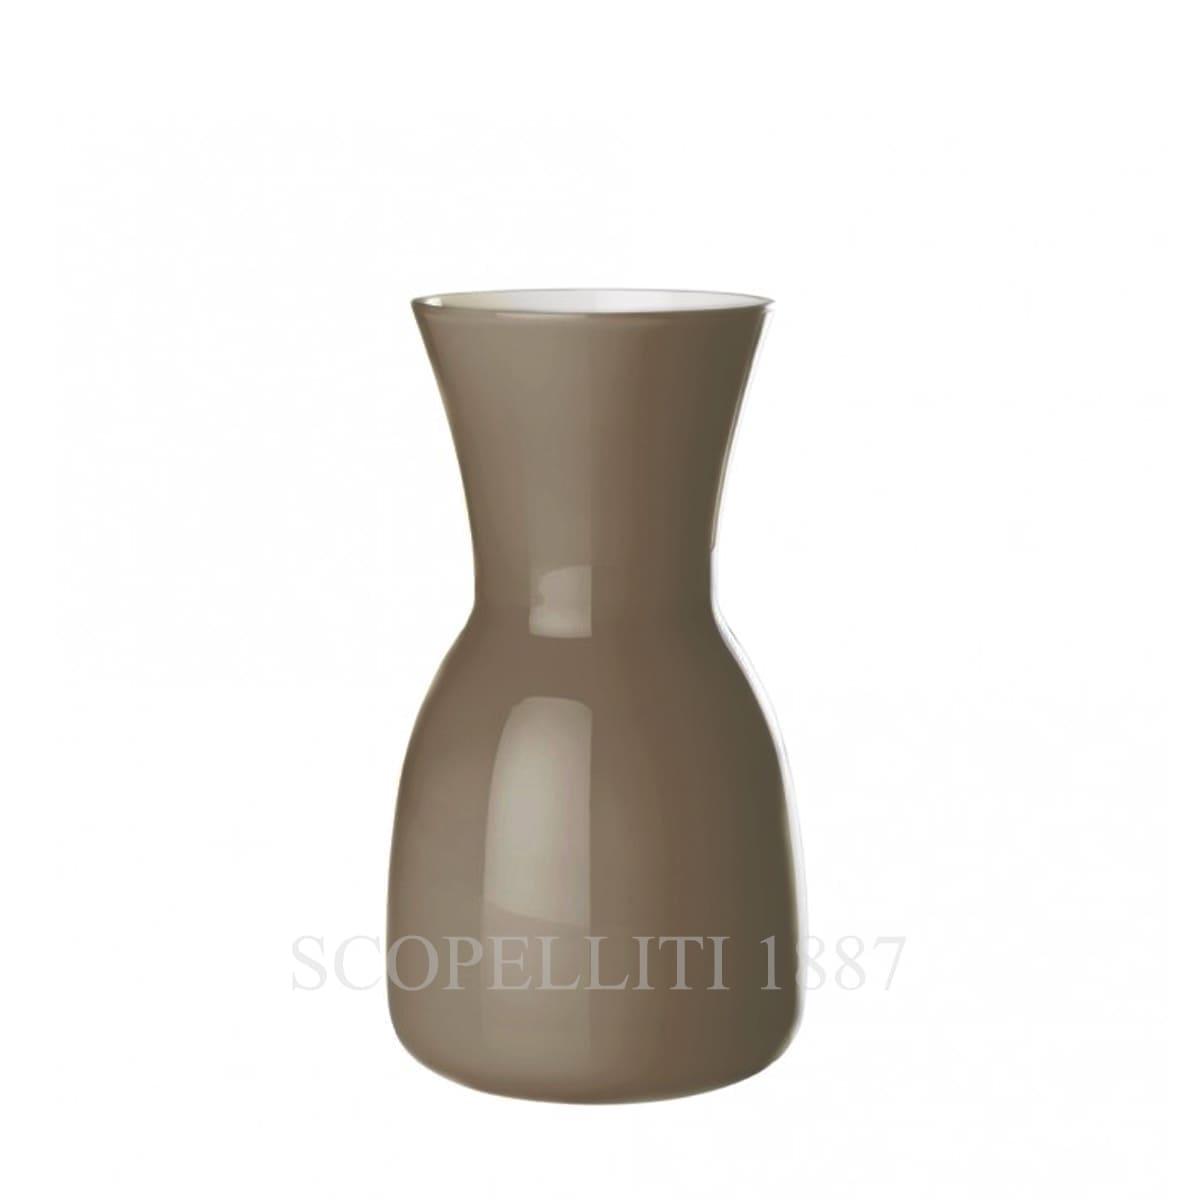 venini carlo scarpa italian murano glass vase